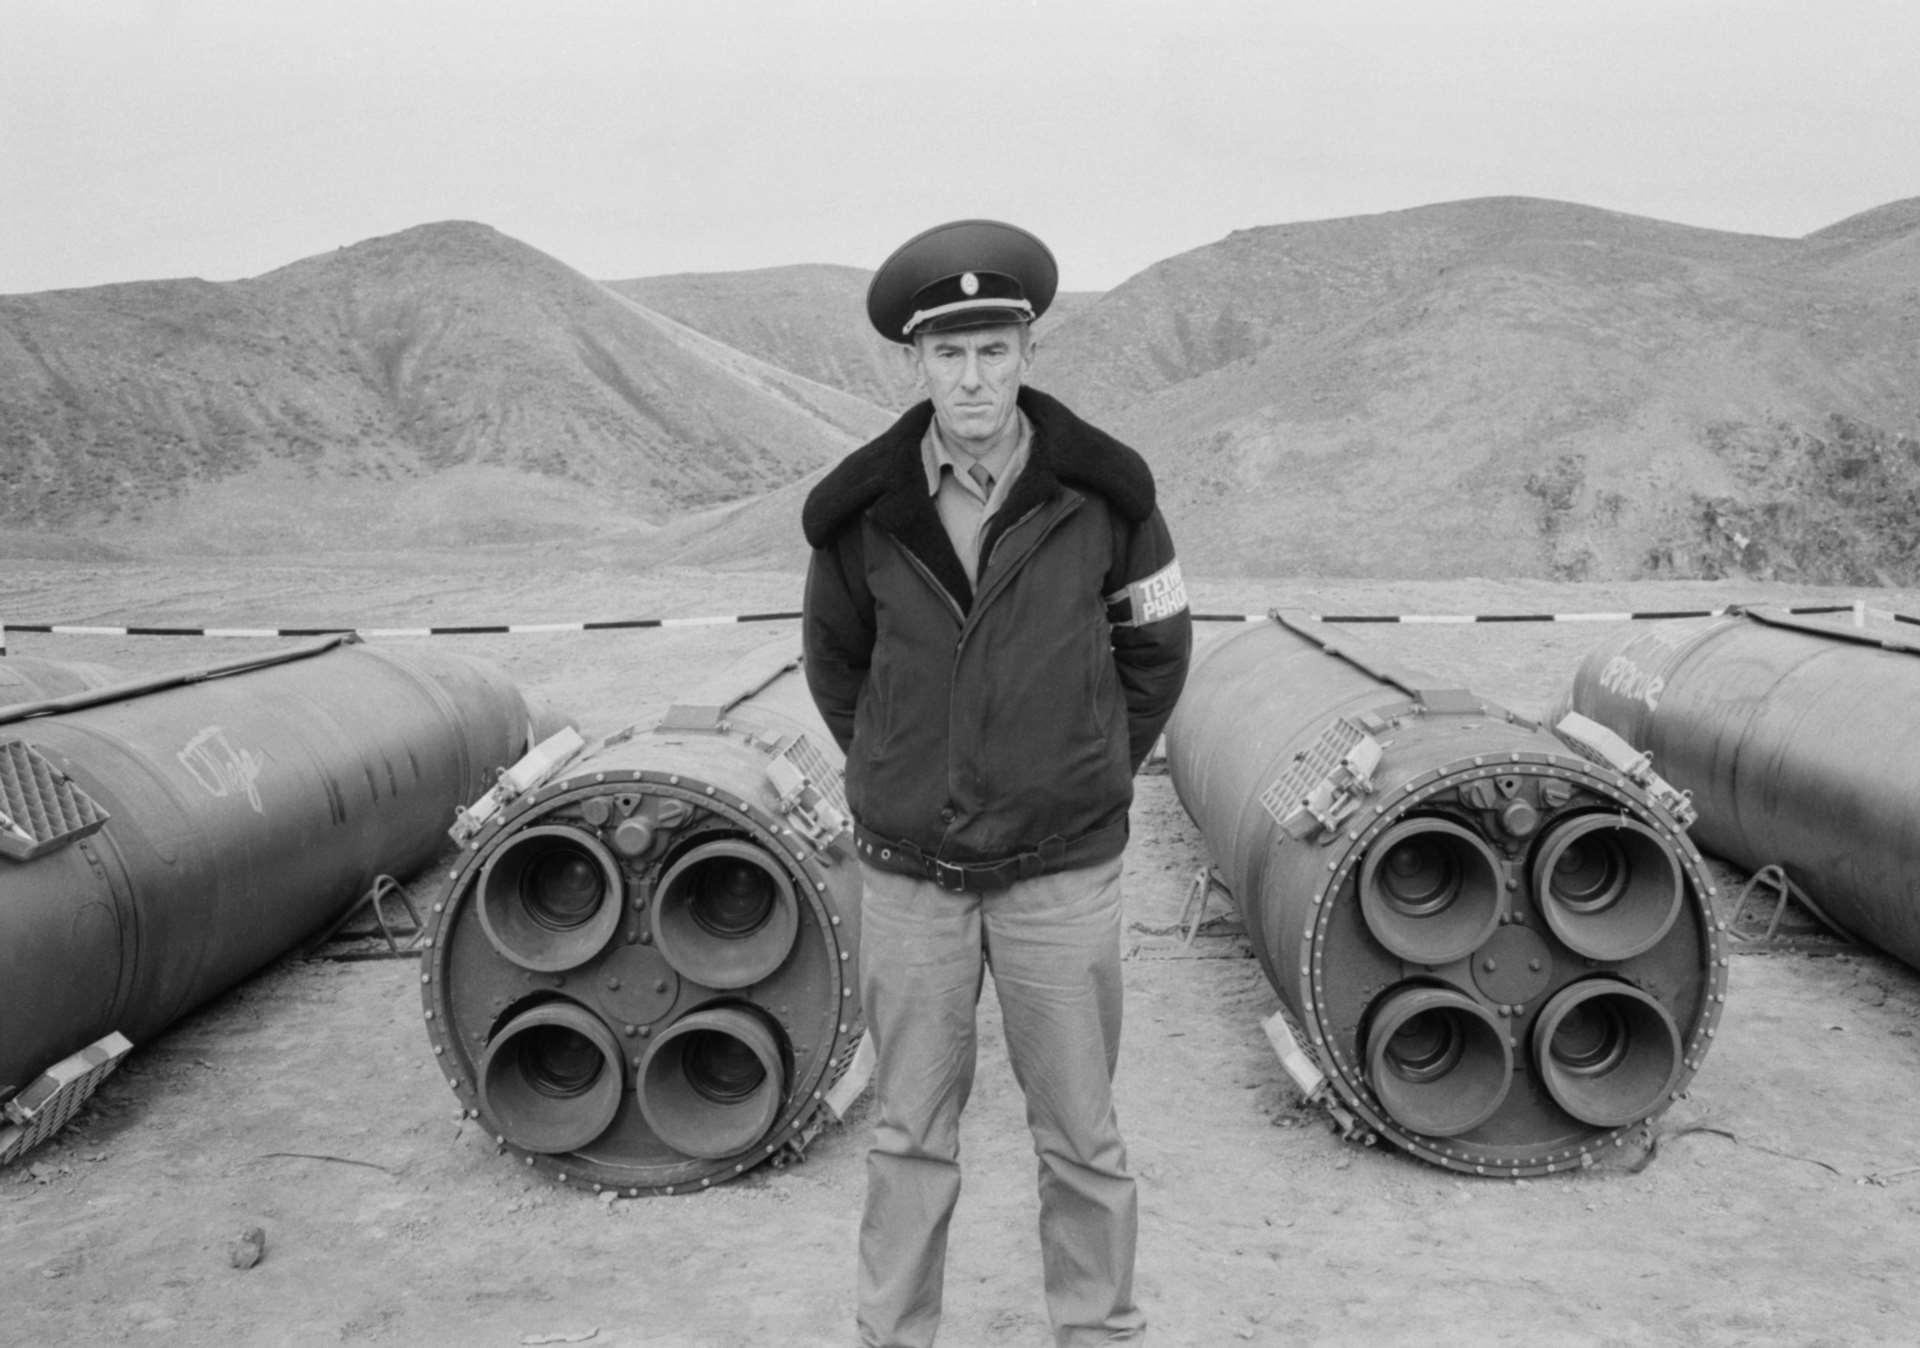 Ракеты ОТР-23 «Ока» на полигоне Сарыозек перед уничтожением